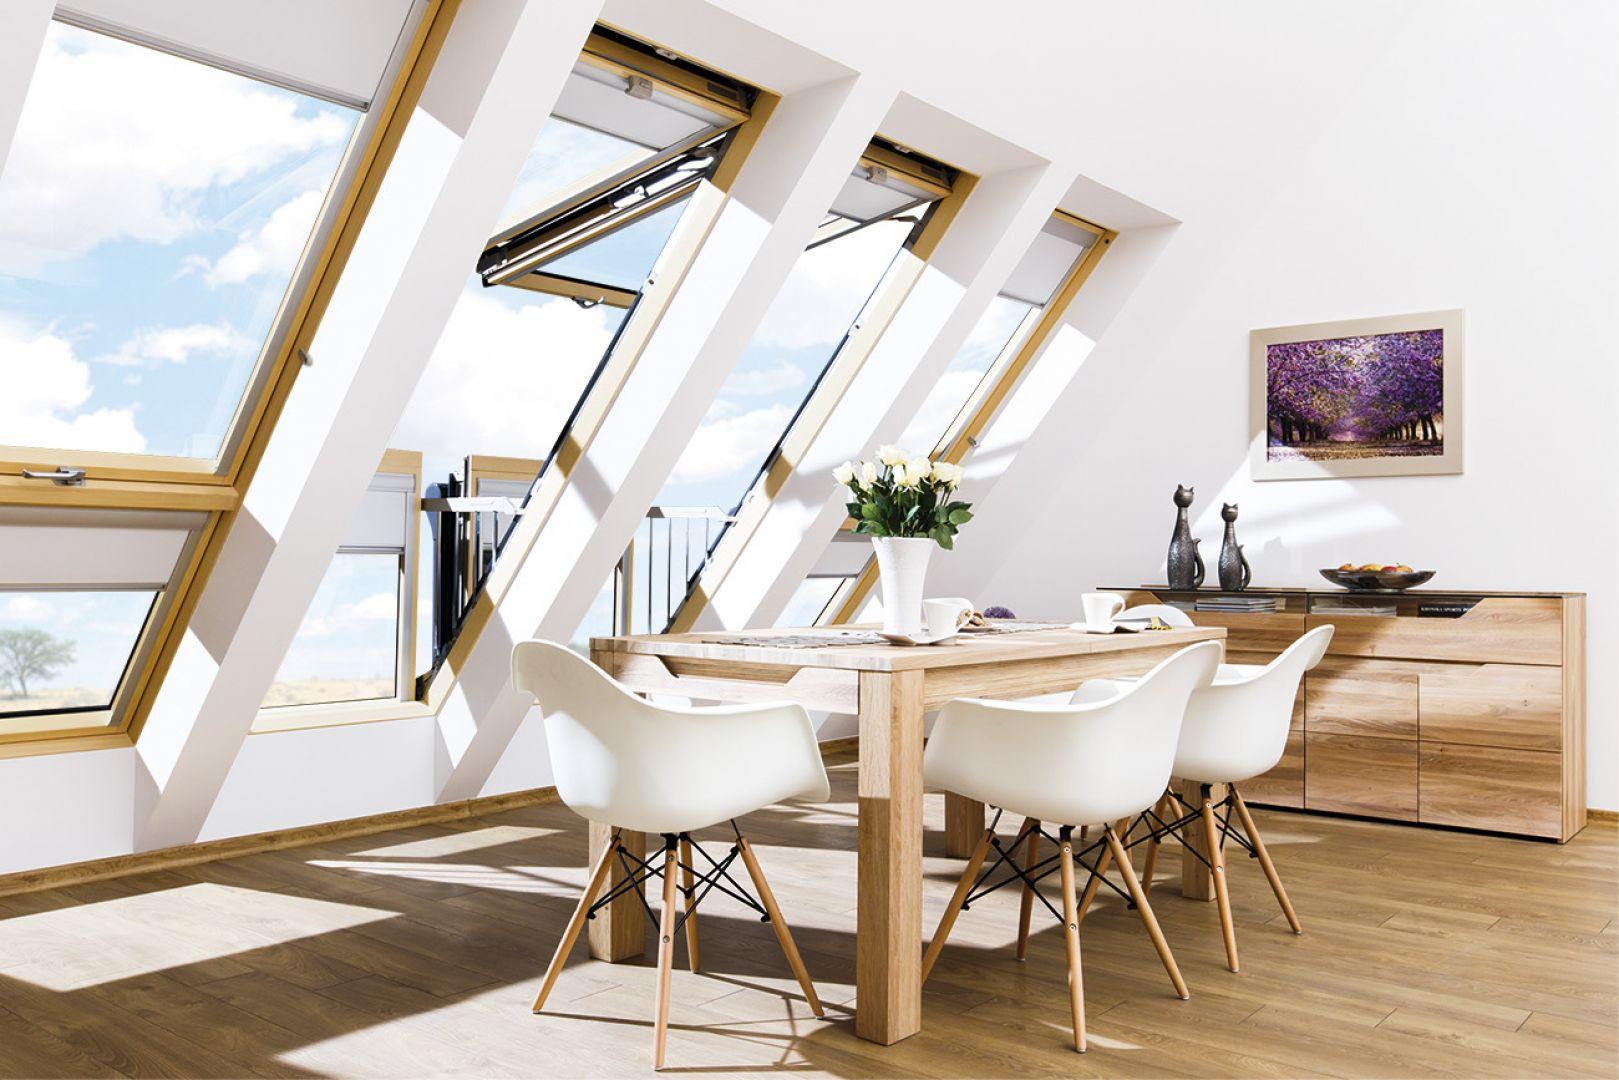 Standardowe okna obrotowe wypierane są przez bardziej nowoczesne, o wyższej funkcjonalności. Na zdjęciu: okno dachowe FGH-V. Fot. Fakro